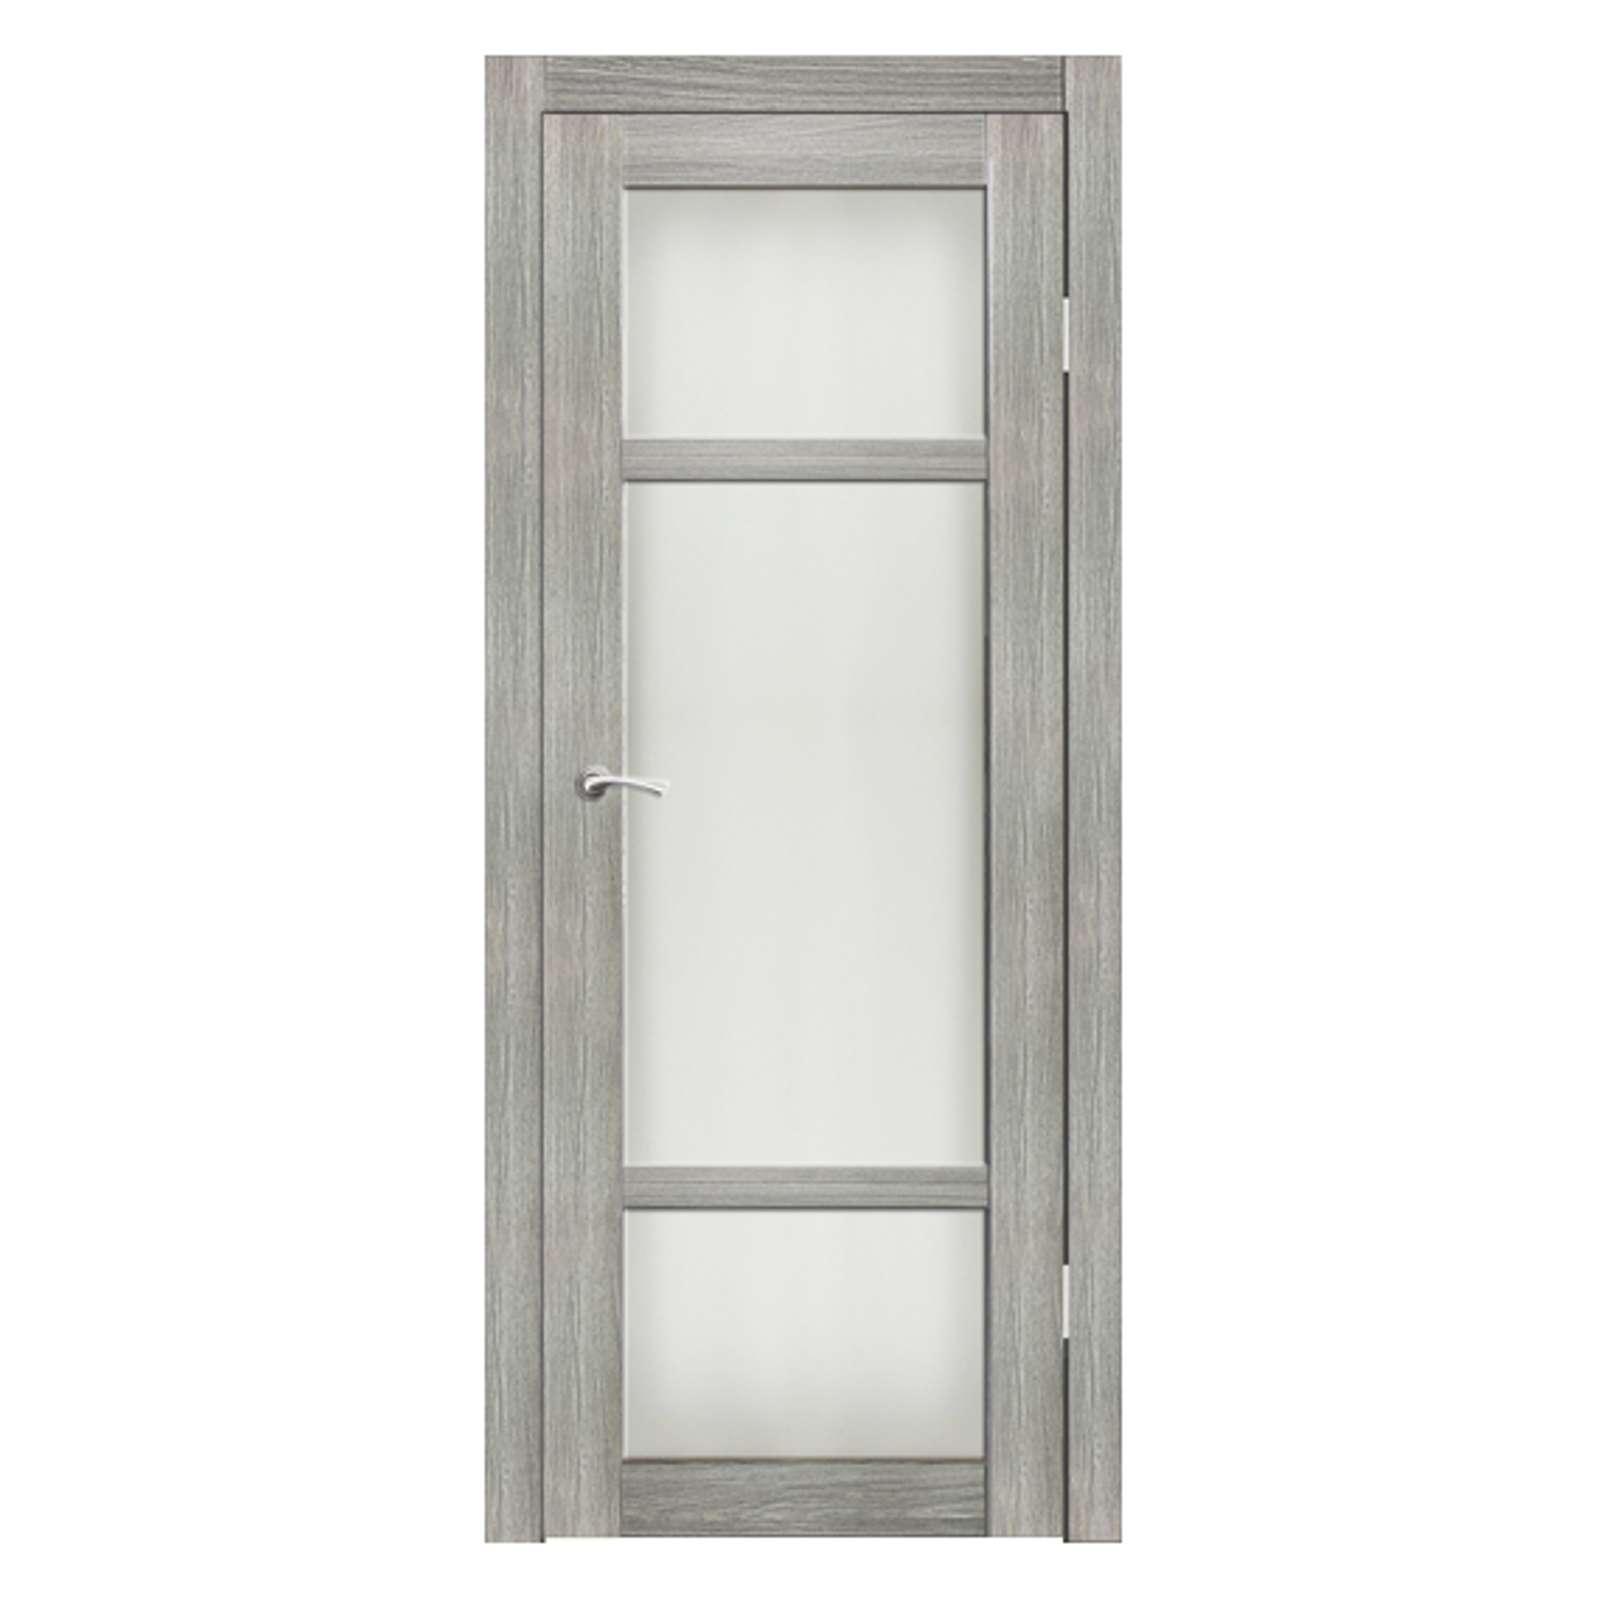 Полотно дверное остекленное Кьянти СИНЕРЖИ ель ПВХ, ПДО 800х2000мм